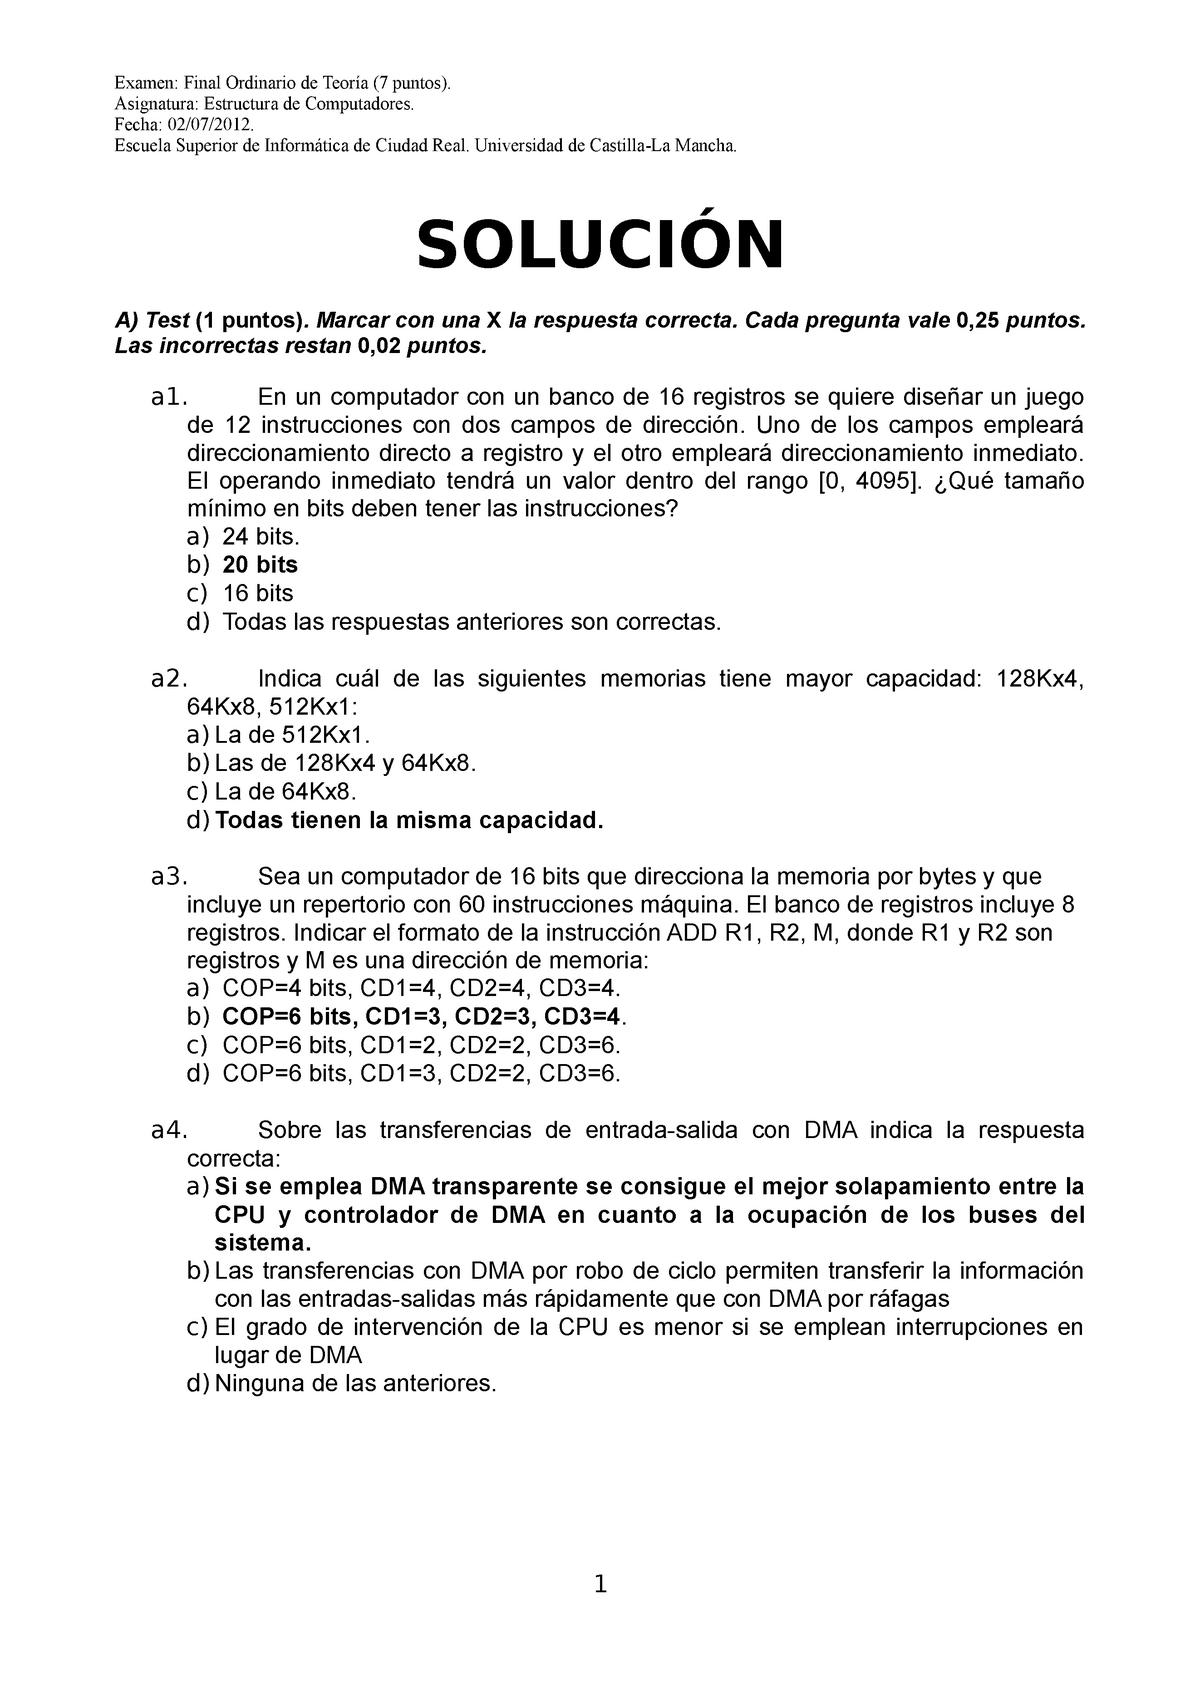 Examenes 2012 Preguntas Y Respuestas 42307 Uclm Studocu